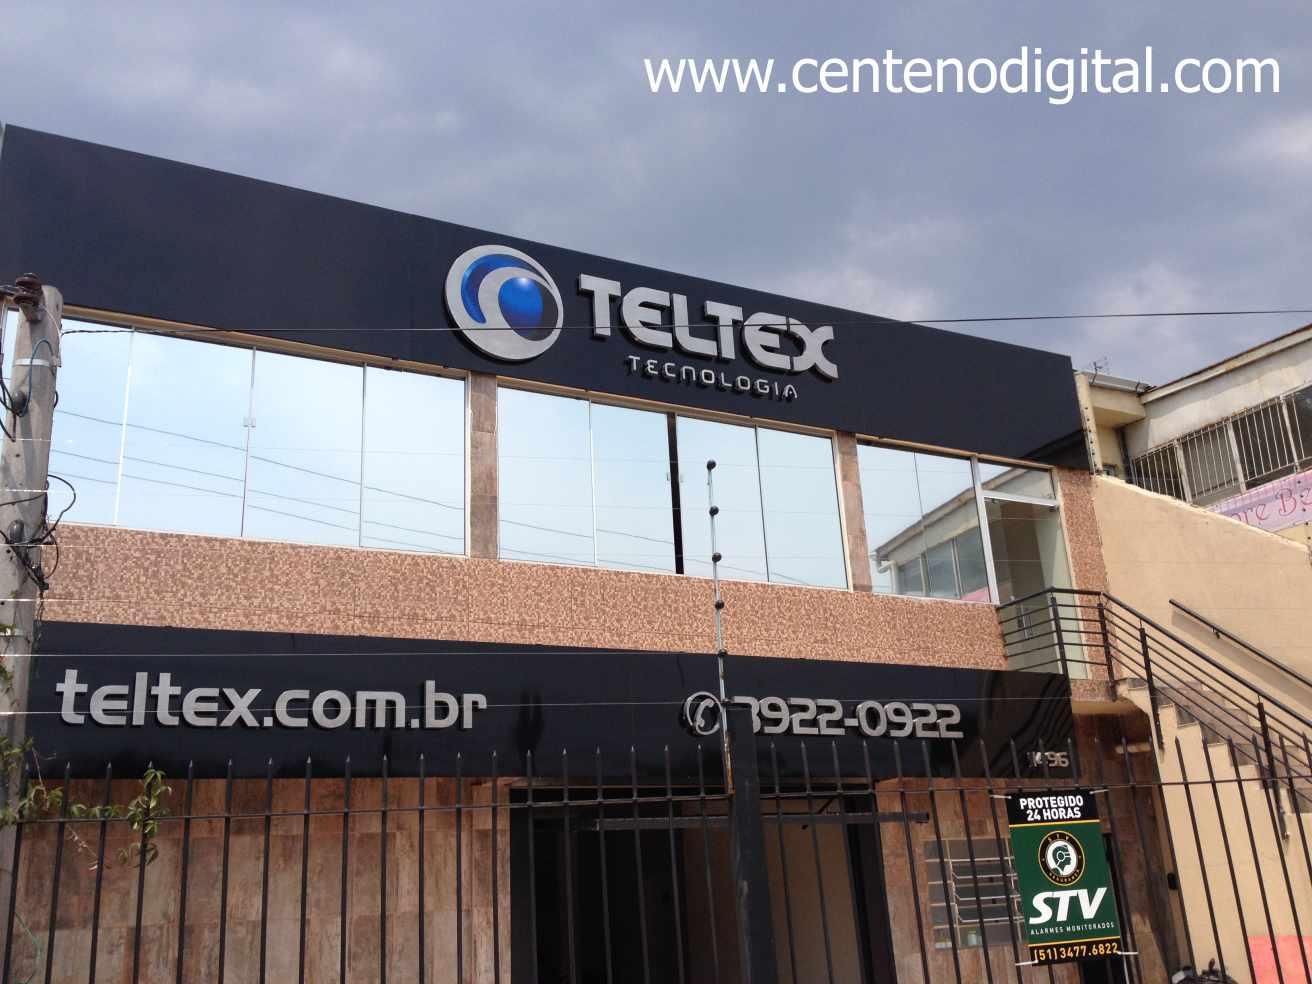 letra_caixa_de_aço_inox_com_led_centeno